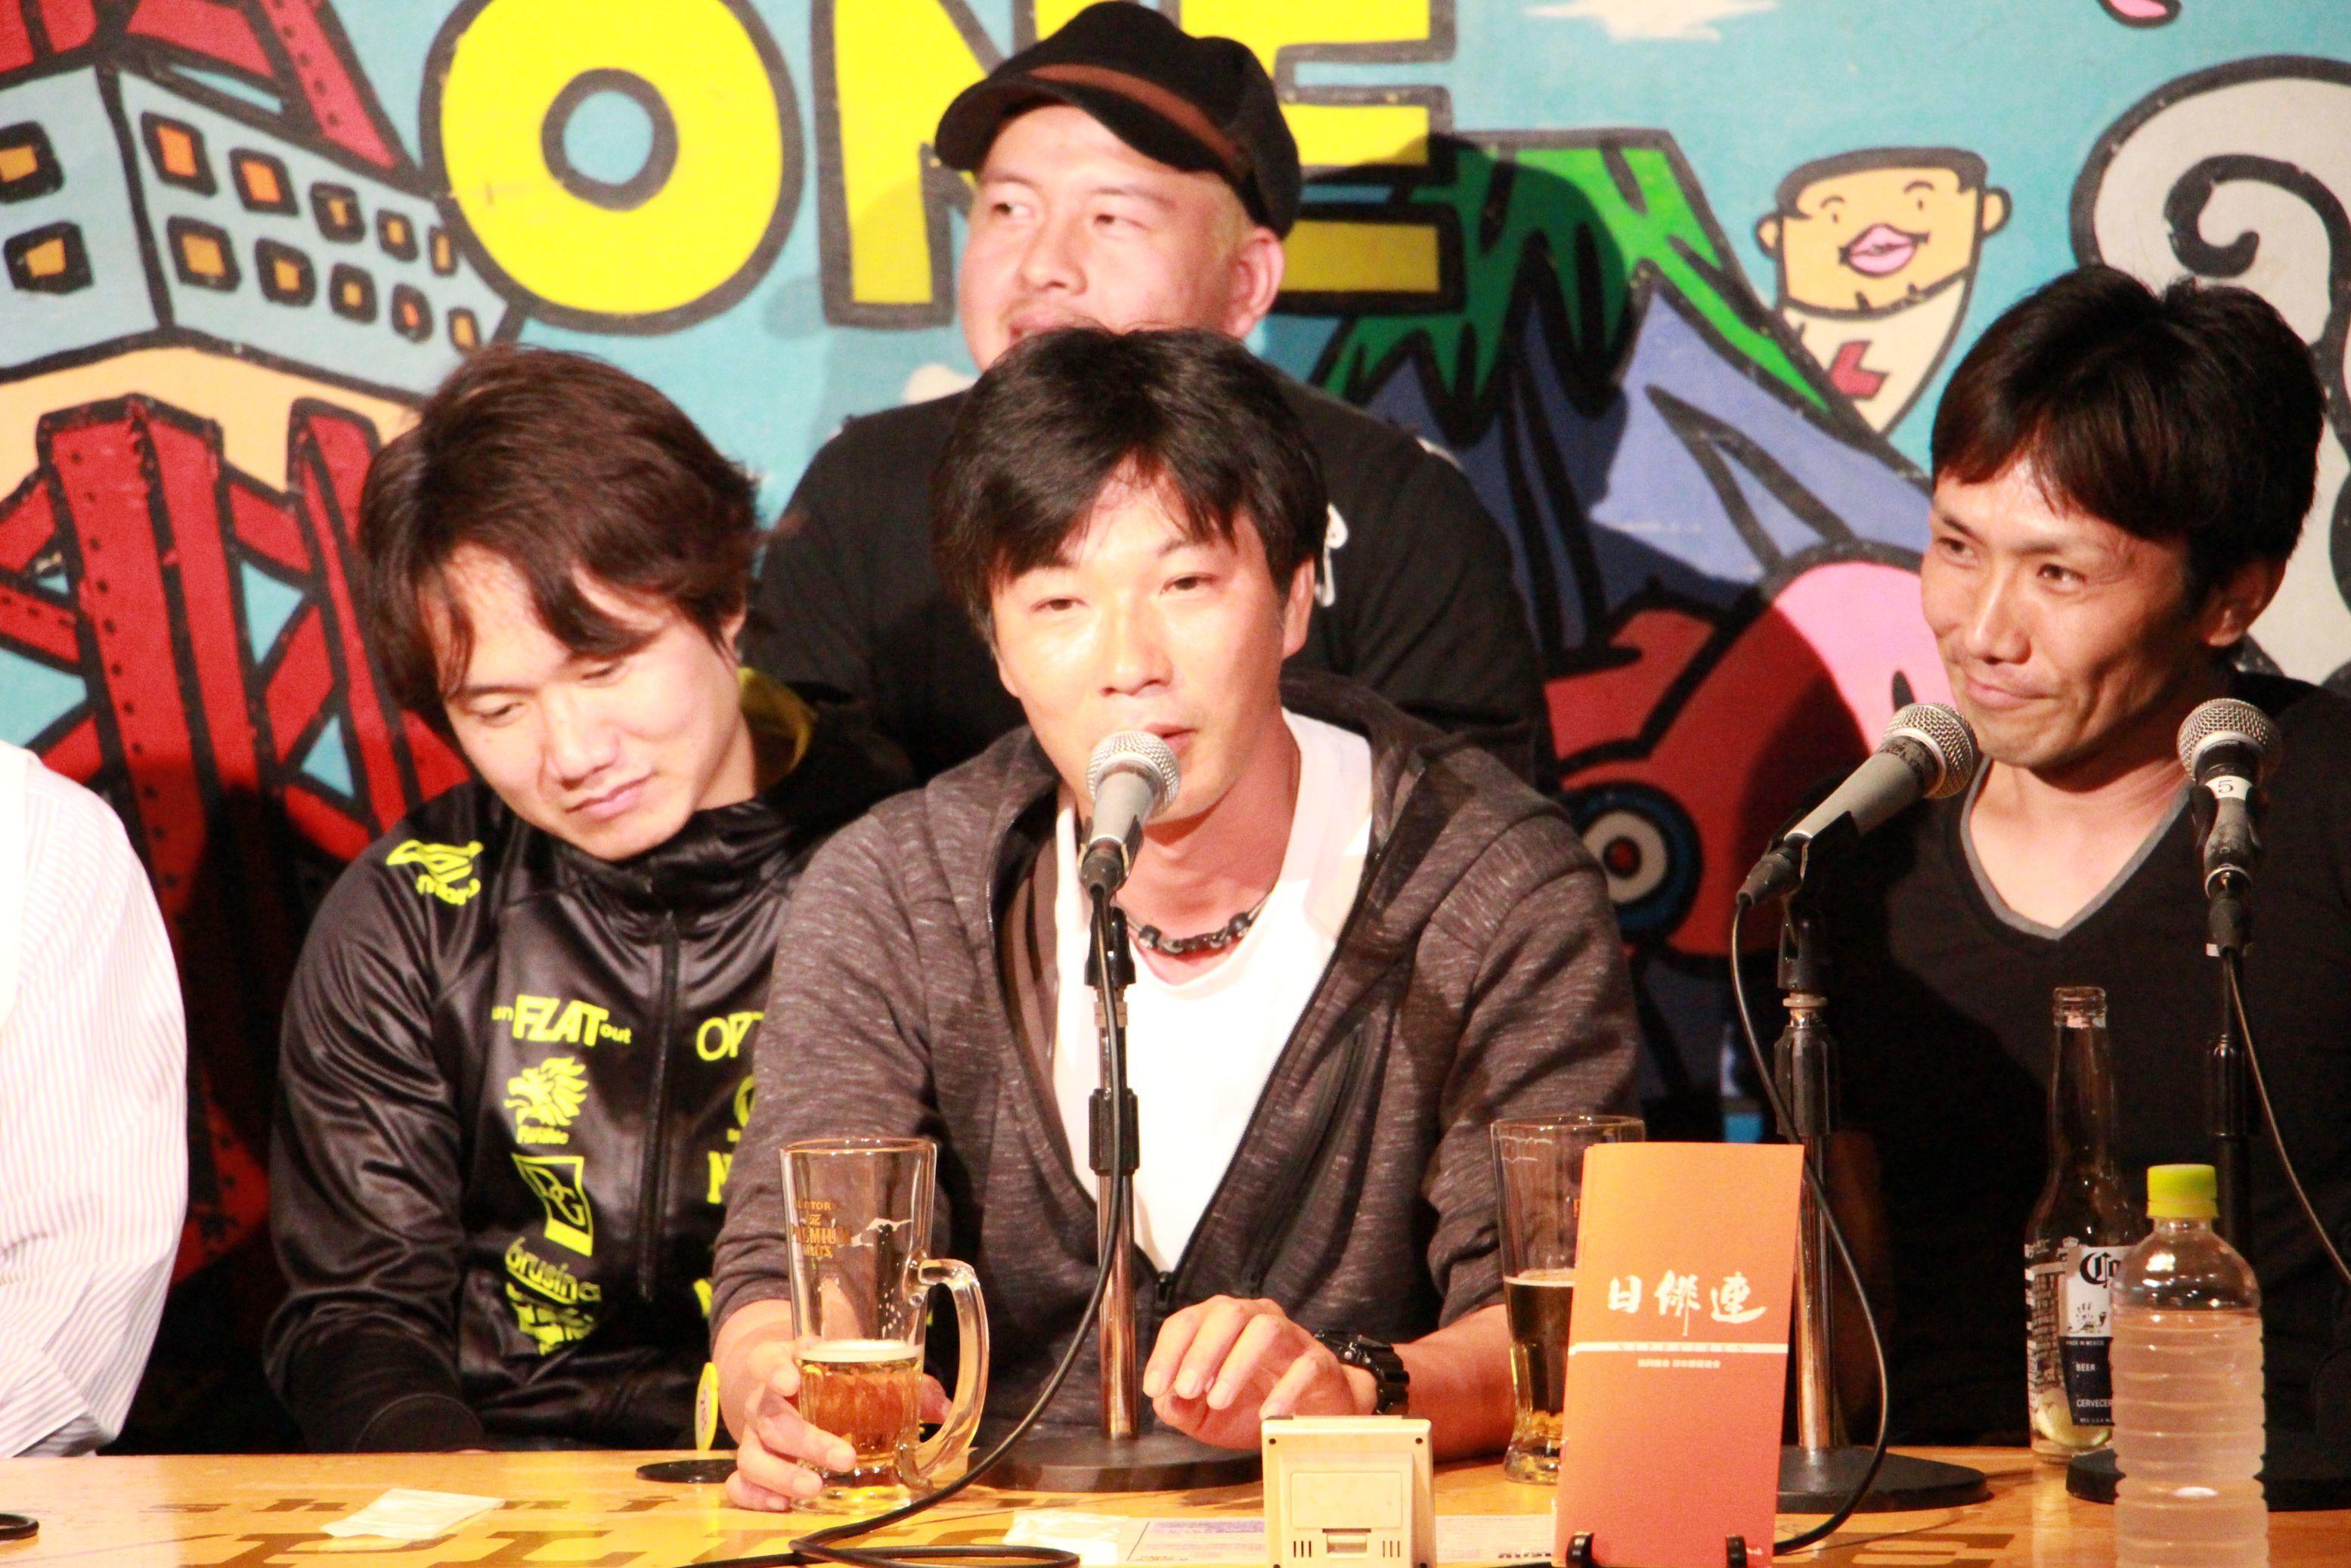 田渕景也氏は『進撃の巨人』三浦春馬のスキルの高さを語り、スタントマンに激をとばす